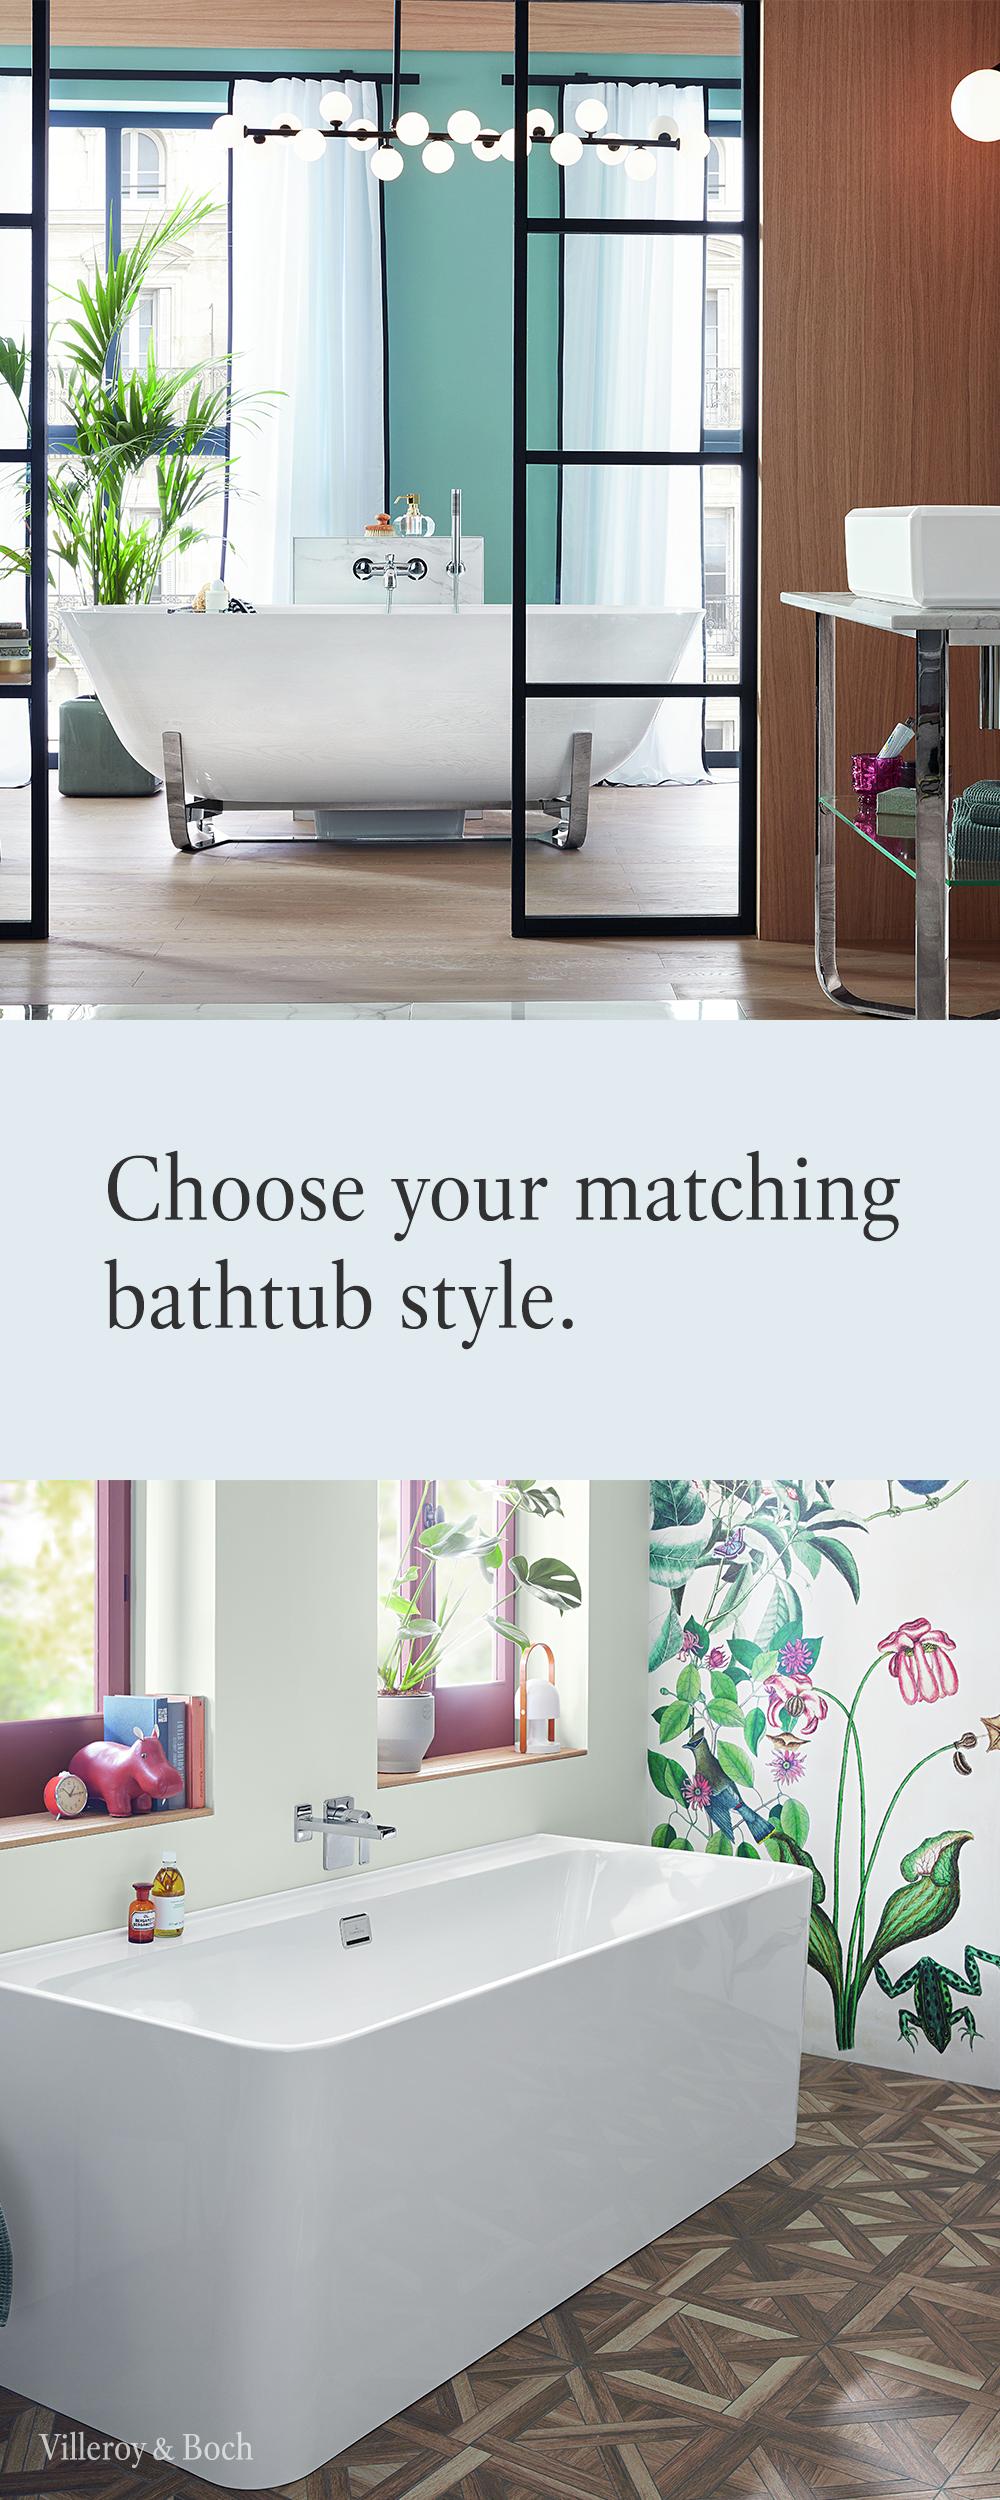 Choose The Matching Bathtub Style For Your Bathroom Einrichtungsideen Badewanne Einrichtung